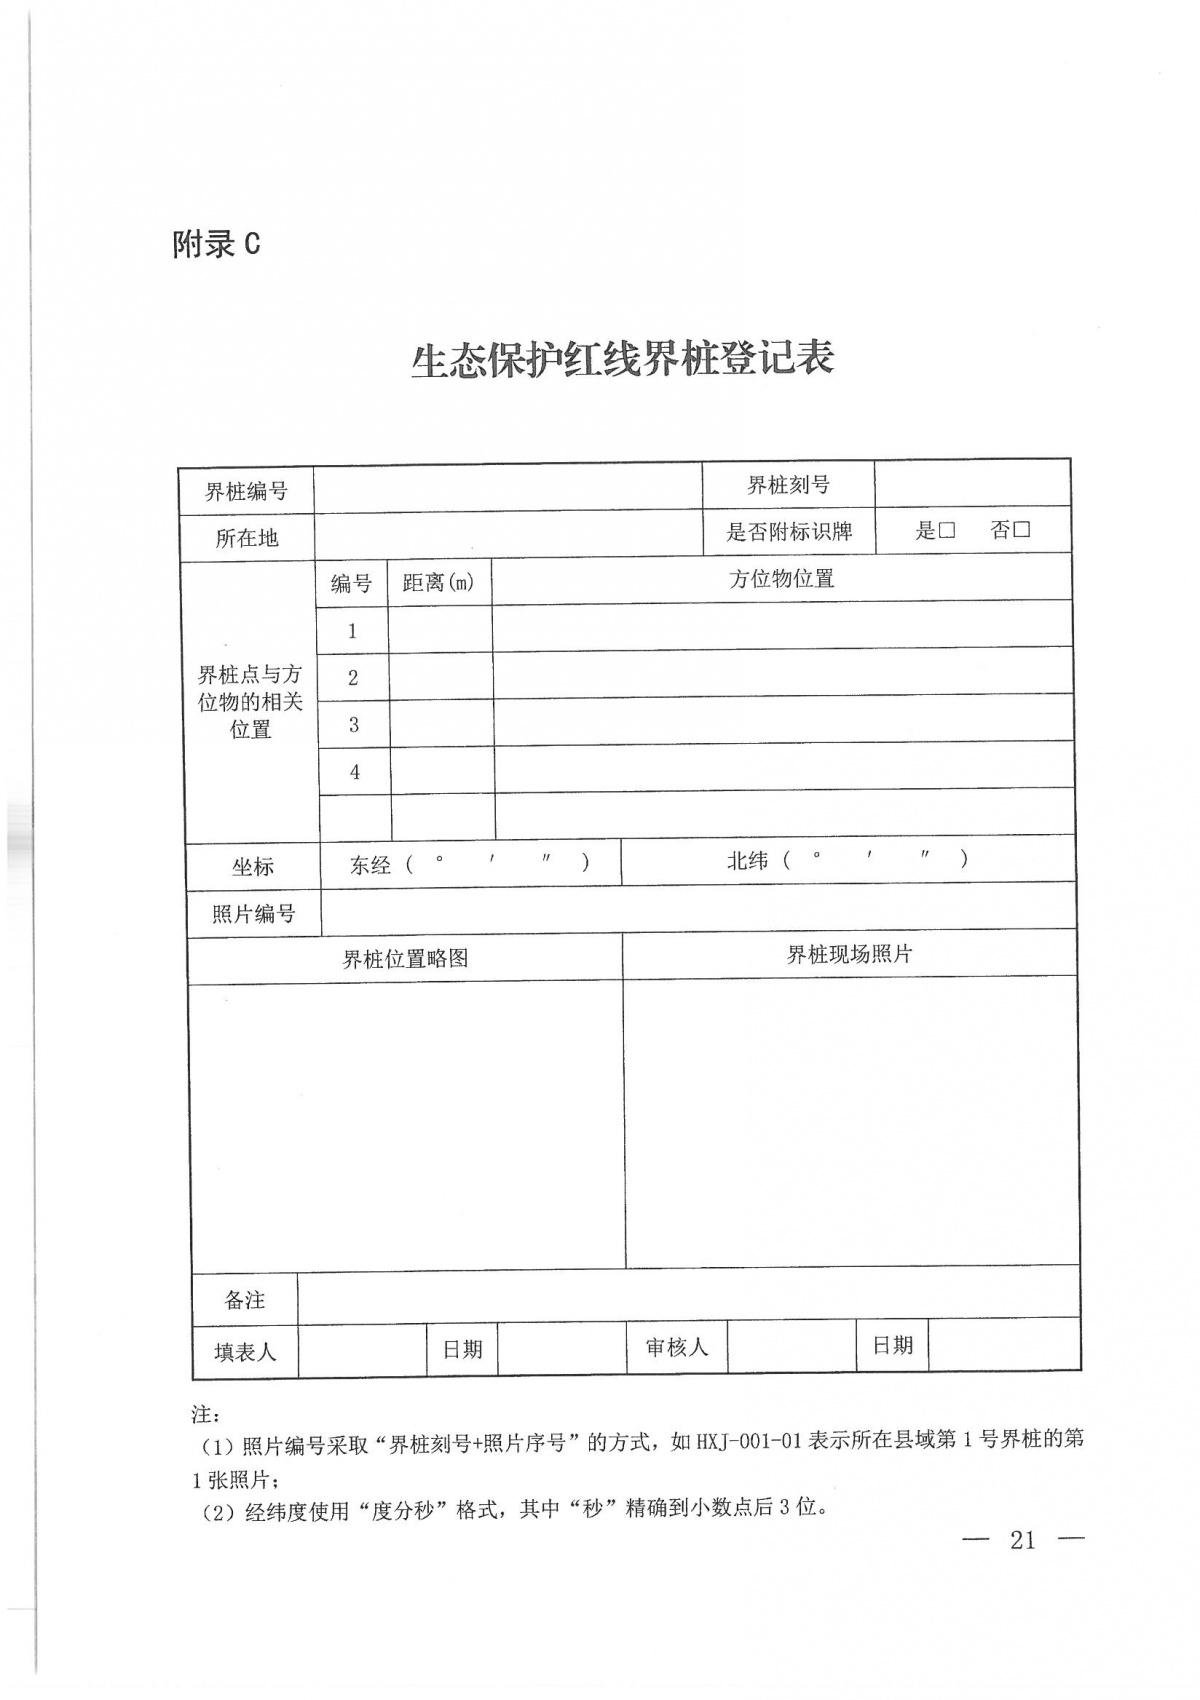 生态保护红线勘界定标技术规程(201908)_页面_19.jpg